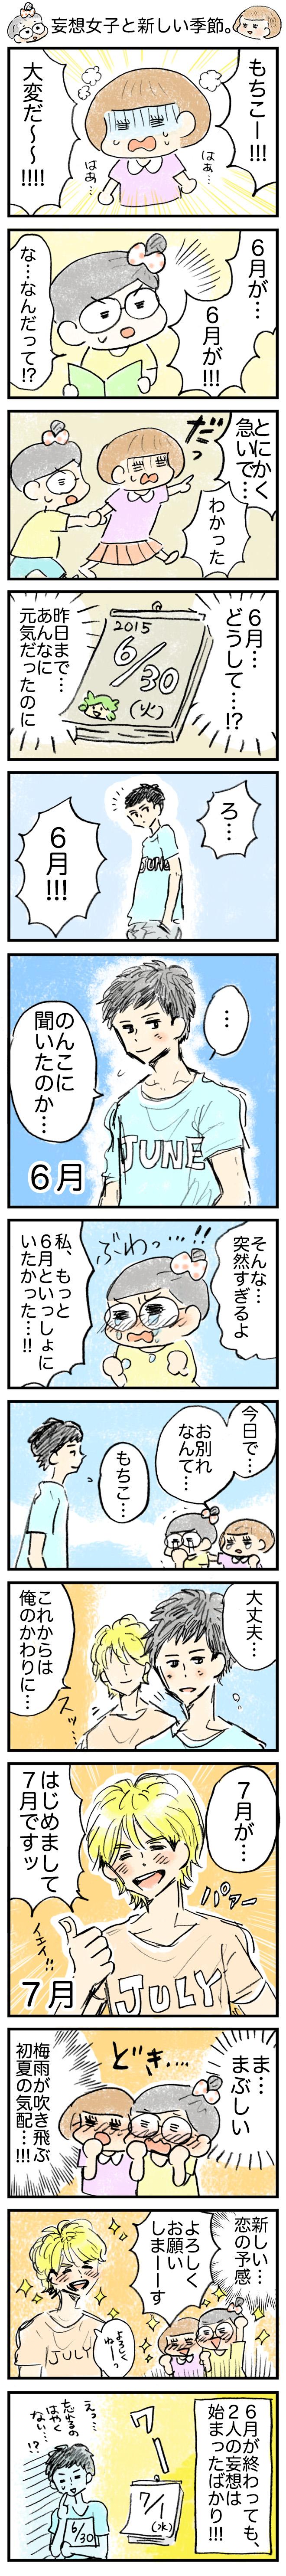 【漫画】妄想女子と新しい季節。『もちことのんこ』第10回 作:おづまりこ